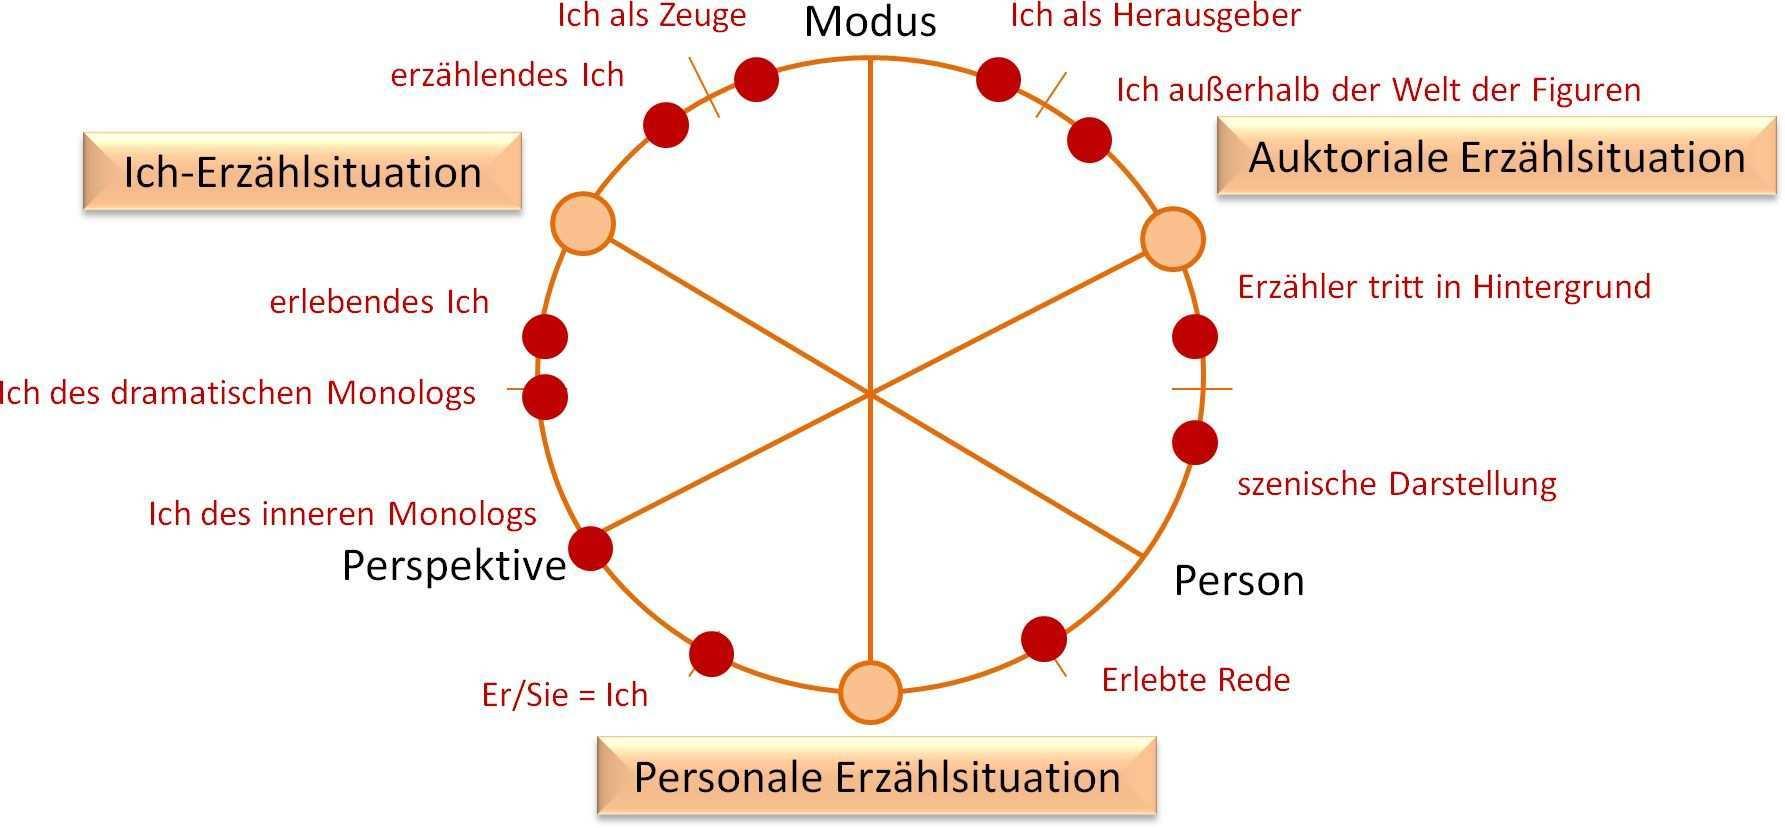 Die Sektoren In Stanzels Typenkreis Wenn Man Jeden Aquator Jeder Achse Einzeichnet Ergeben Sich Auf Dem Kreis Sek Erzahlen Literaturwissenschaft Schreiben